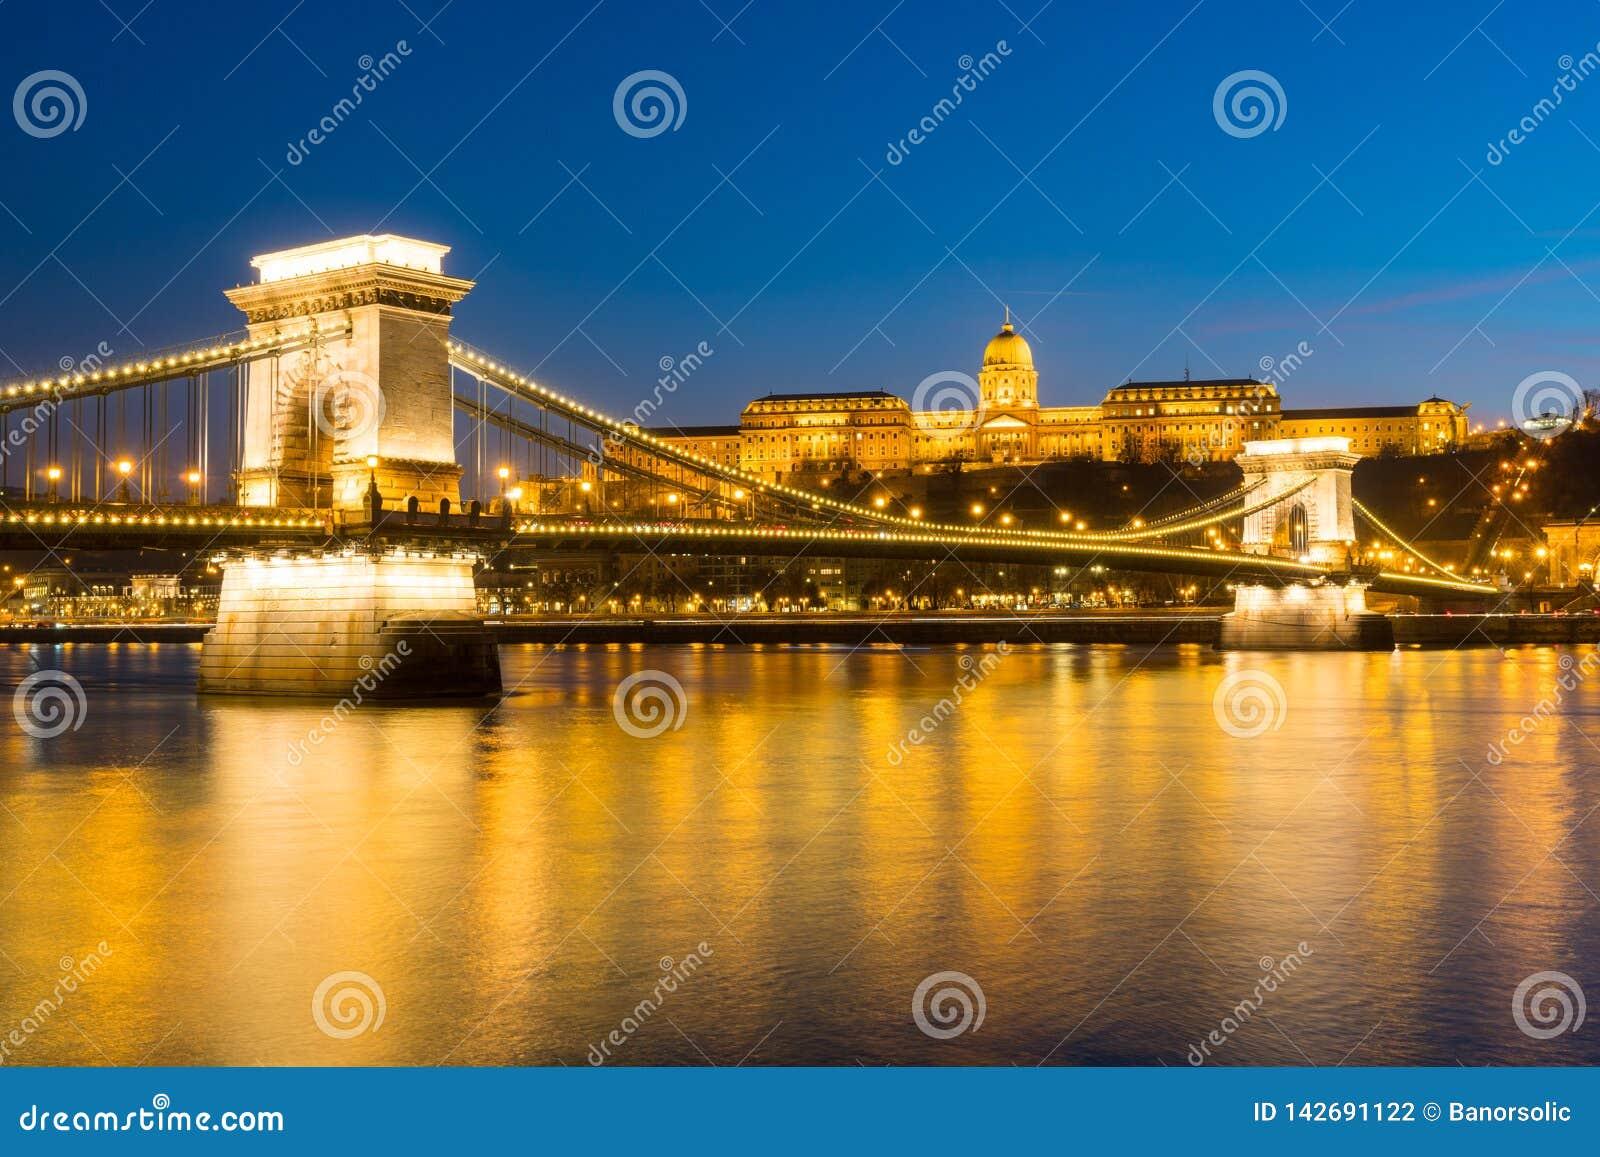 Γέφυρα αλυσίδων πέρα από τον ποταμό Δούναβη στο ηλιοβασίλεμα στη Βουδαπέστη, Ουγγαρία